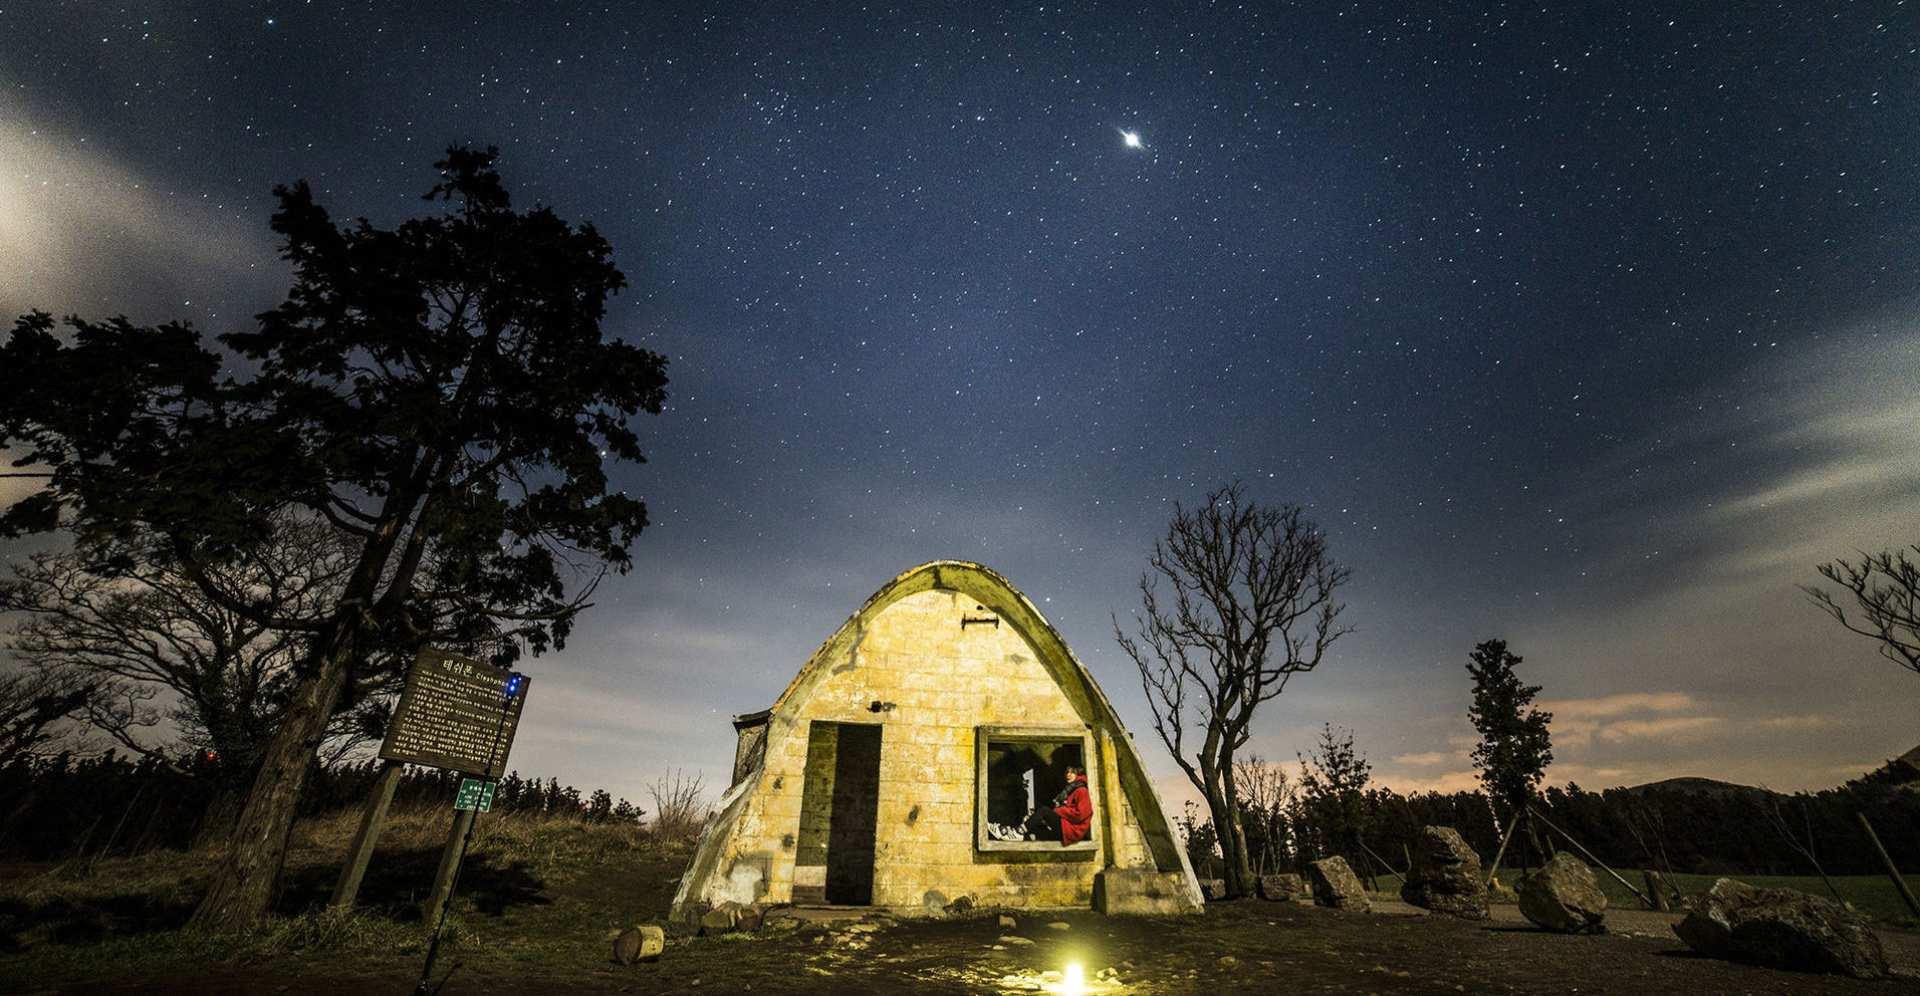 【濟州人生藝術照】星空藝術照+光影塗鴉拍攝體驗